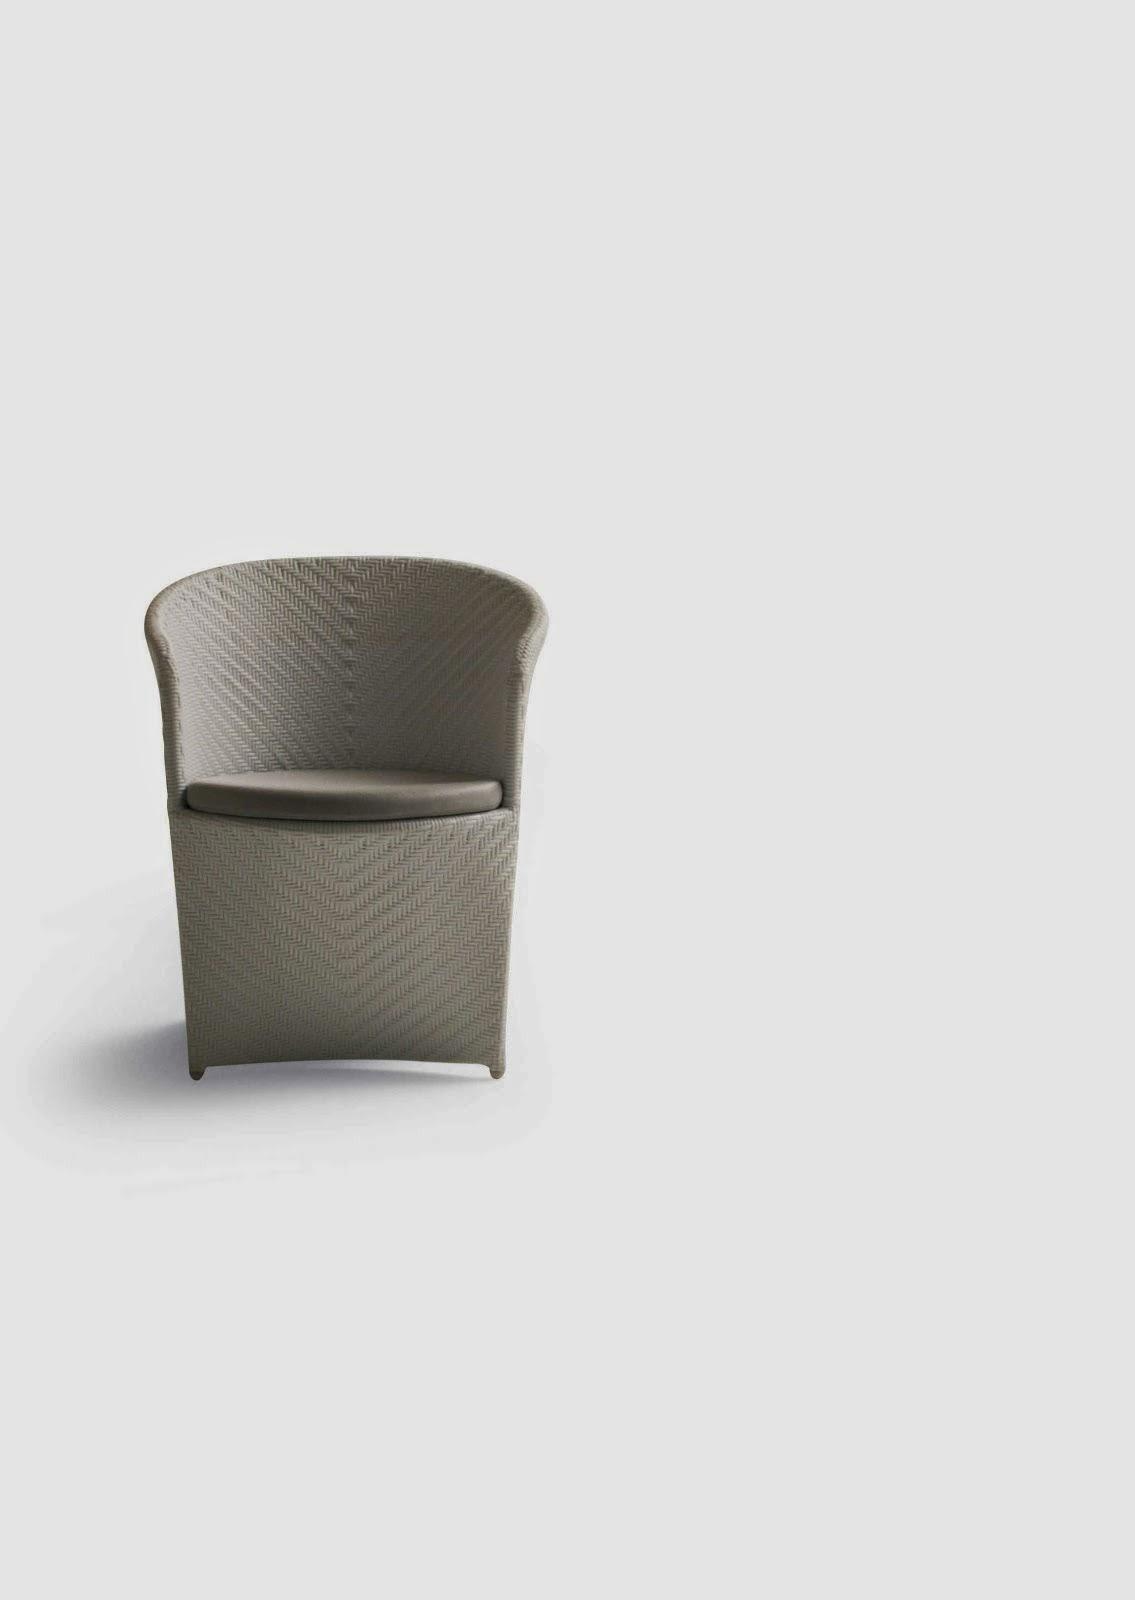 Arredo e design pierantonio bonacina arredamento outdoor for Arredamento outdoor design